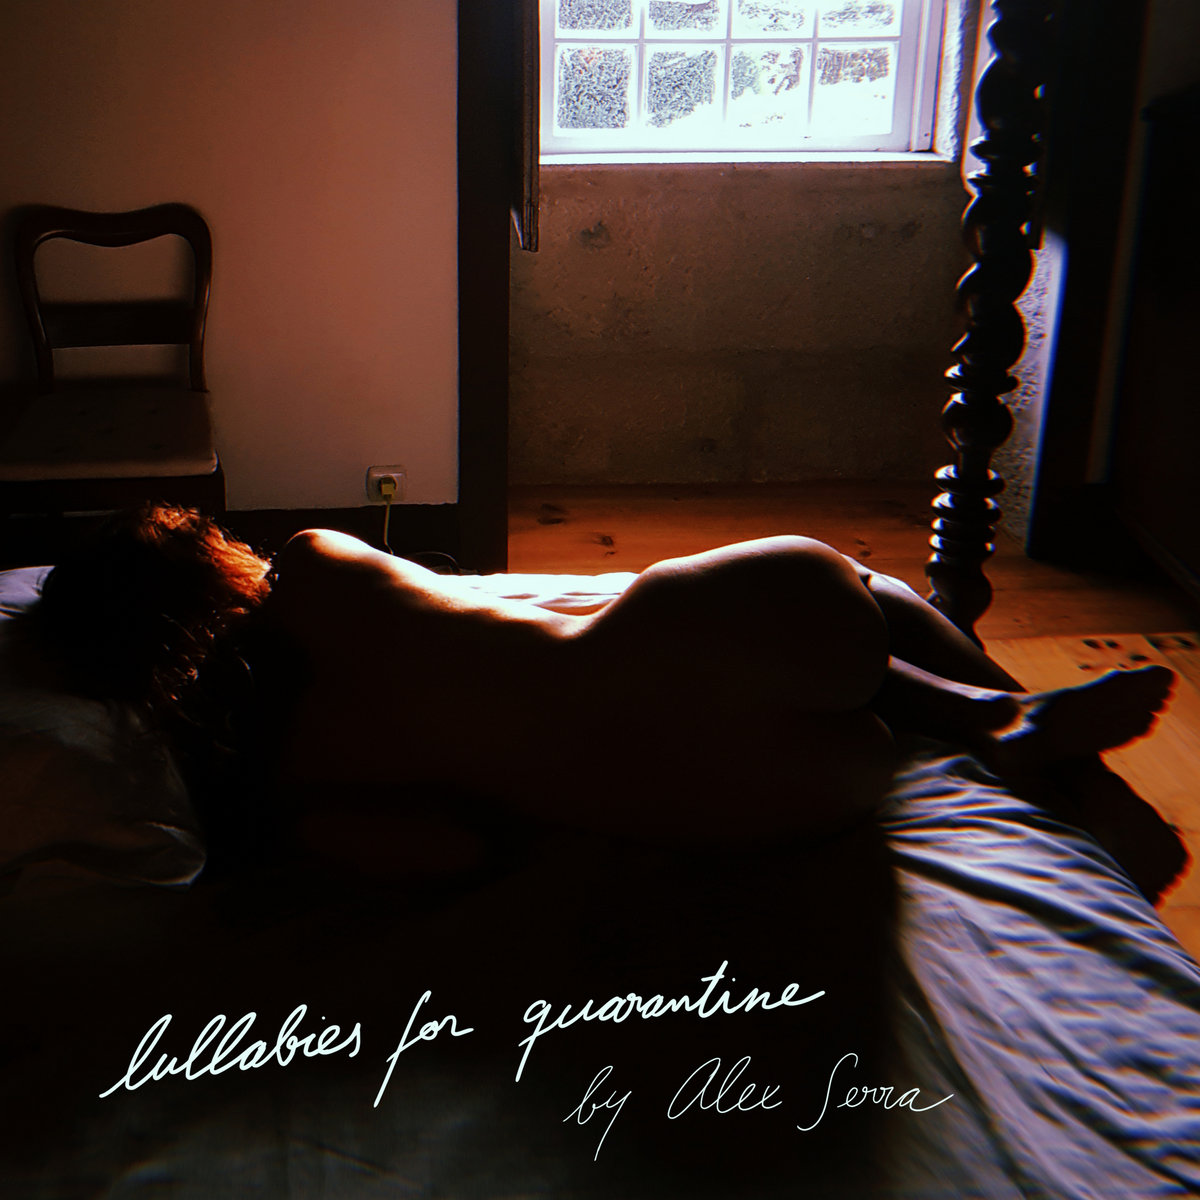 Lullabies for Quarantine von Alex Serra | Wohnzimmer Jazz aus Barcelona